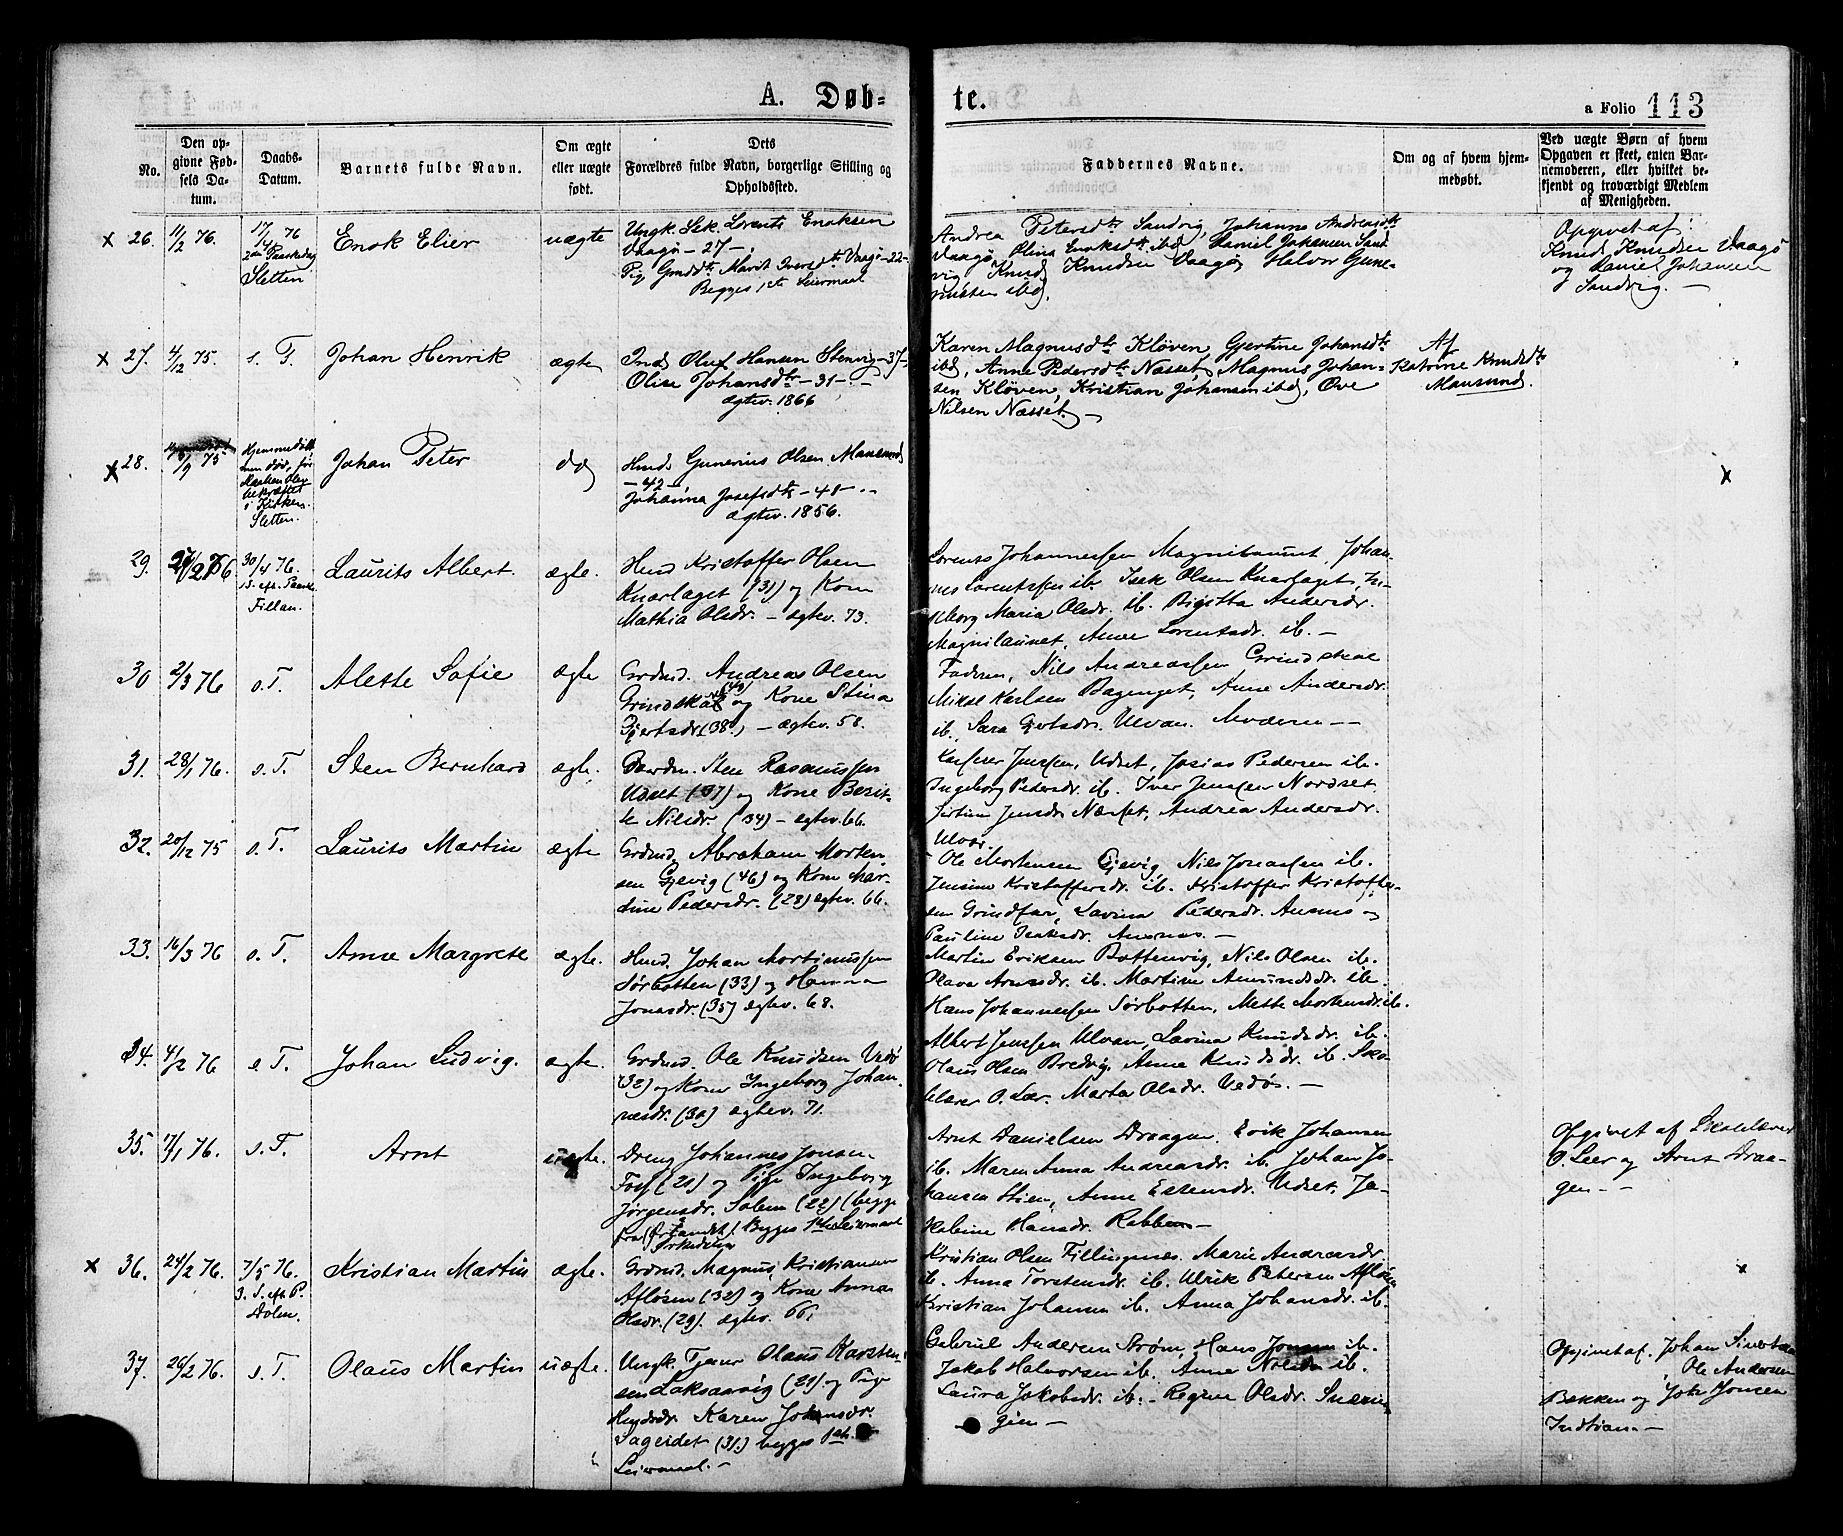 SAT, Ministerialprotokoller, klokkerbøker og fødselsregistre - Sør-Trøndelag, 634/L0532: Ministerialbok nr. 634A08, 1871-1881, s. 113